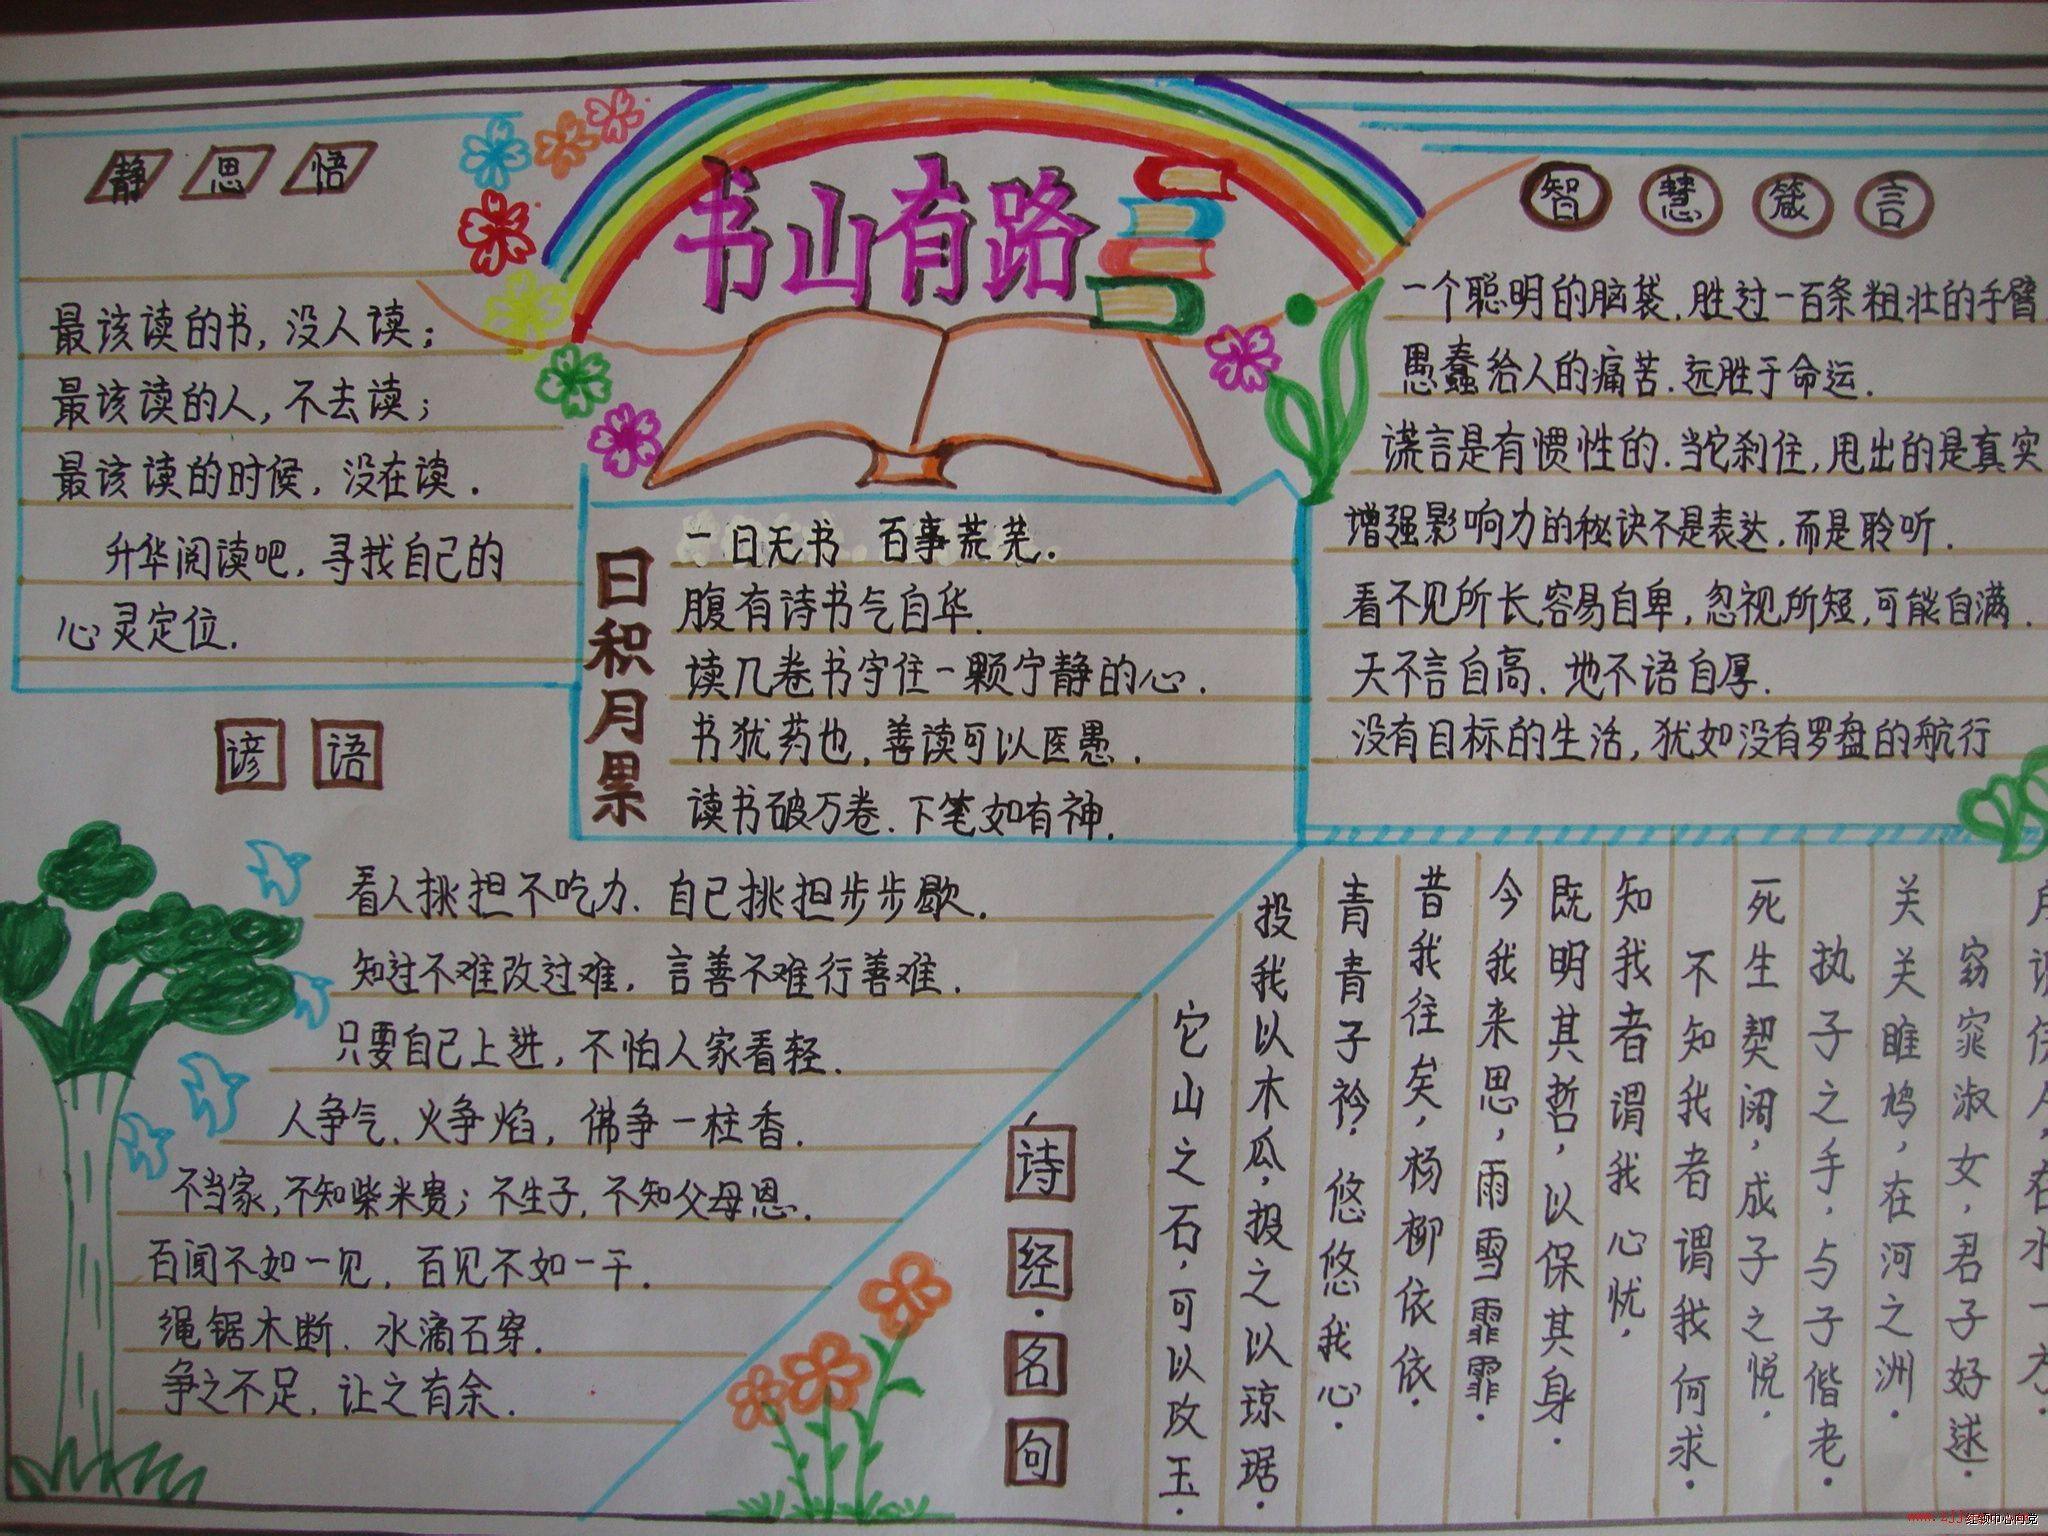 手抄报:我爱语文(要图片)